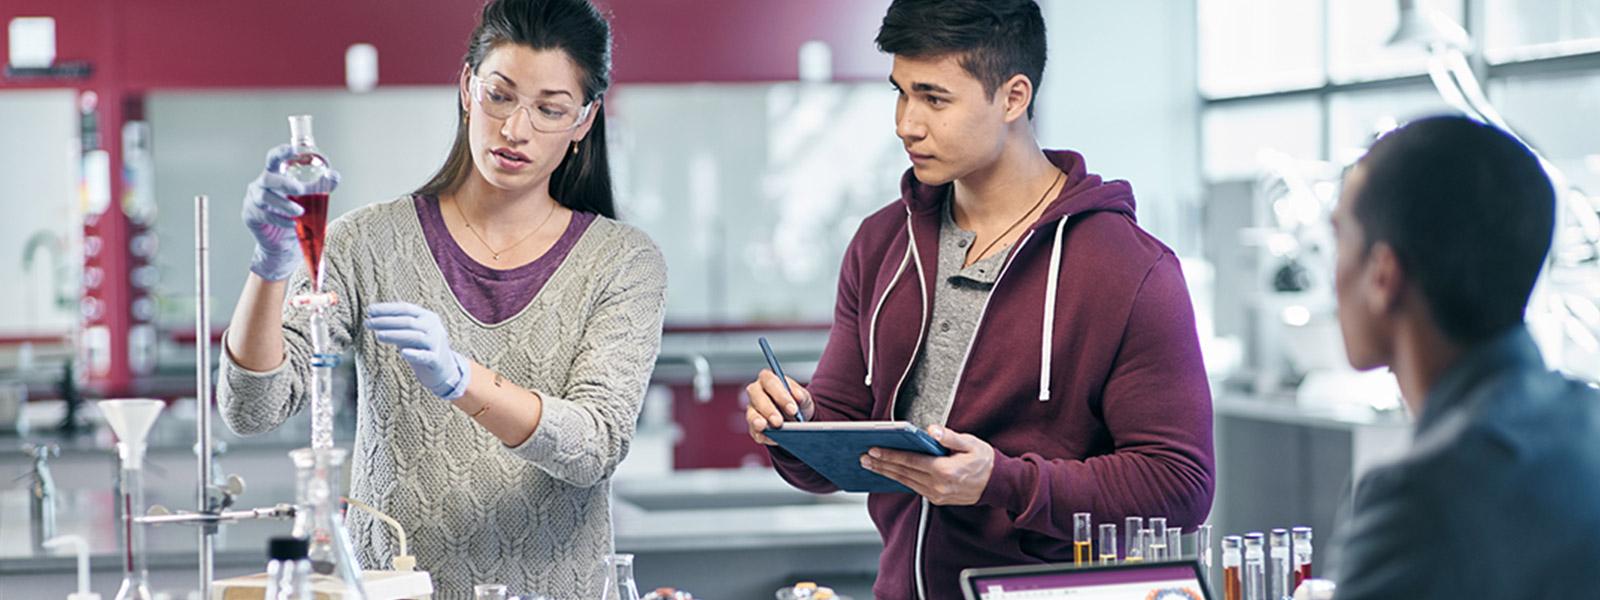 Drei Schüler im Chemielabor, von denen einer Surface Pro 4 im Tablet- und ein anderer im Laptopmodus verwendet.